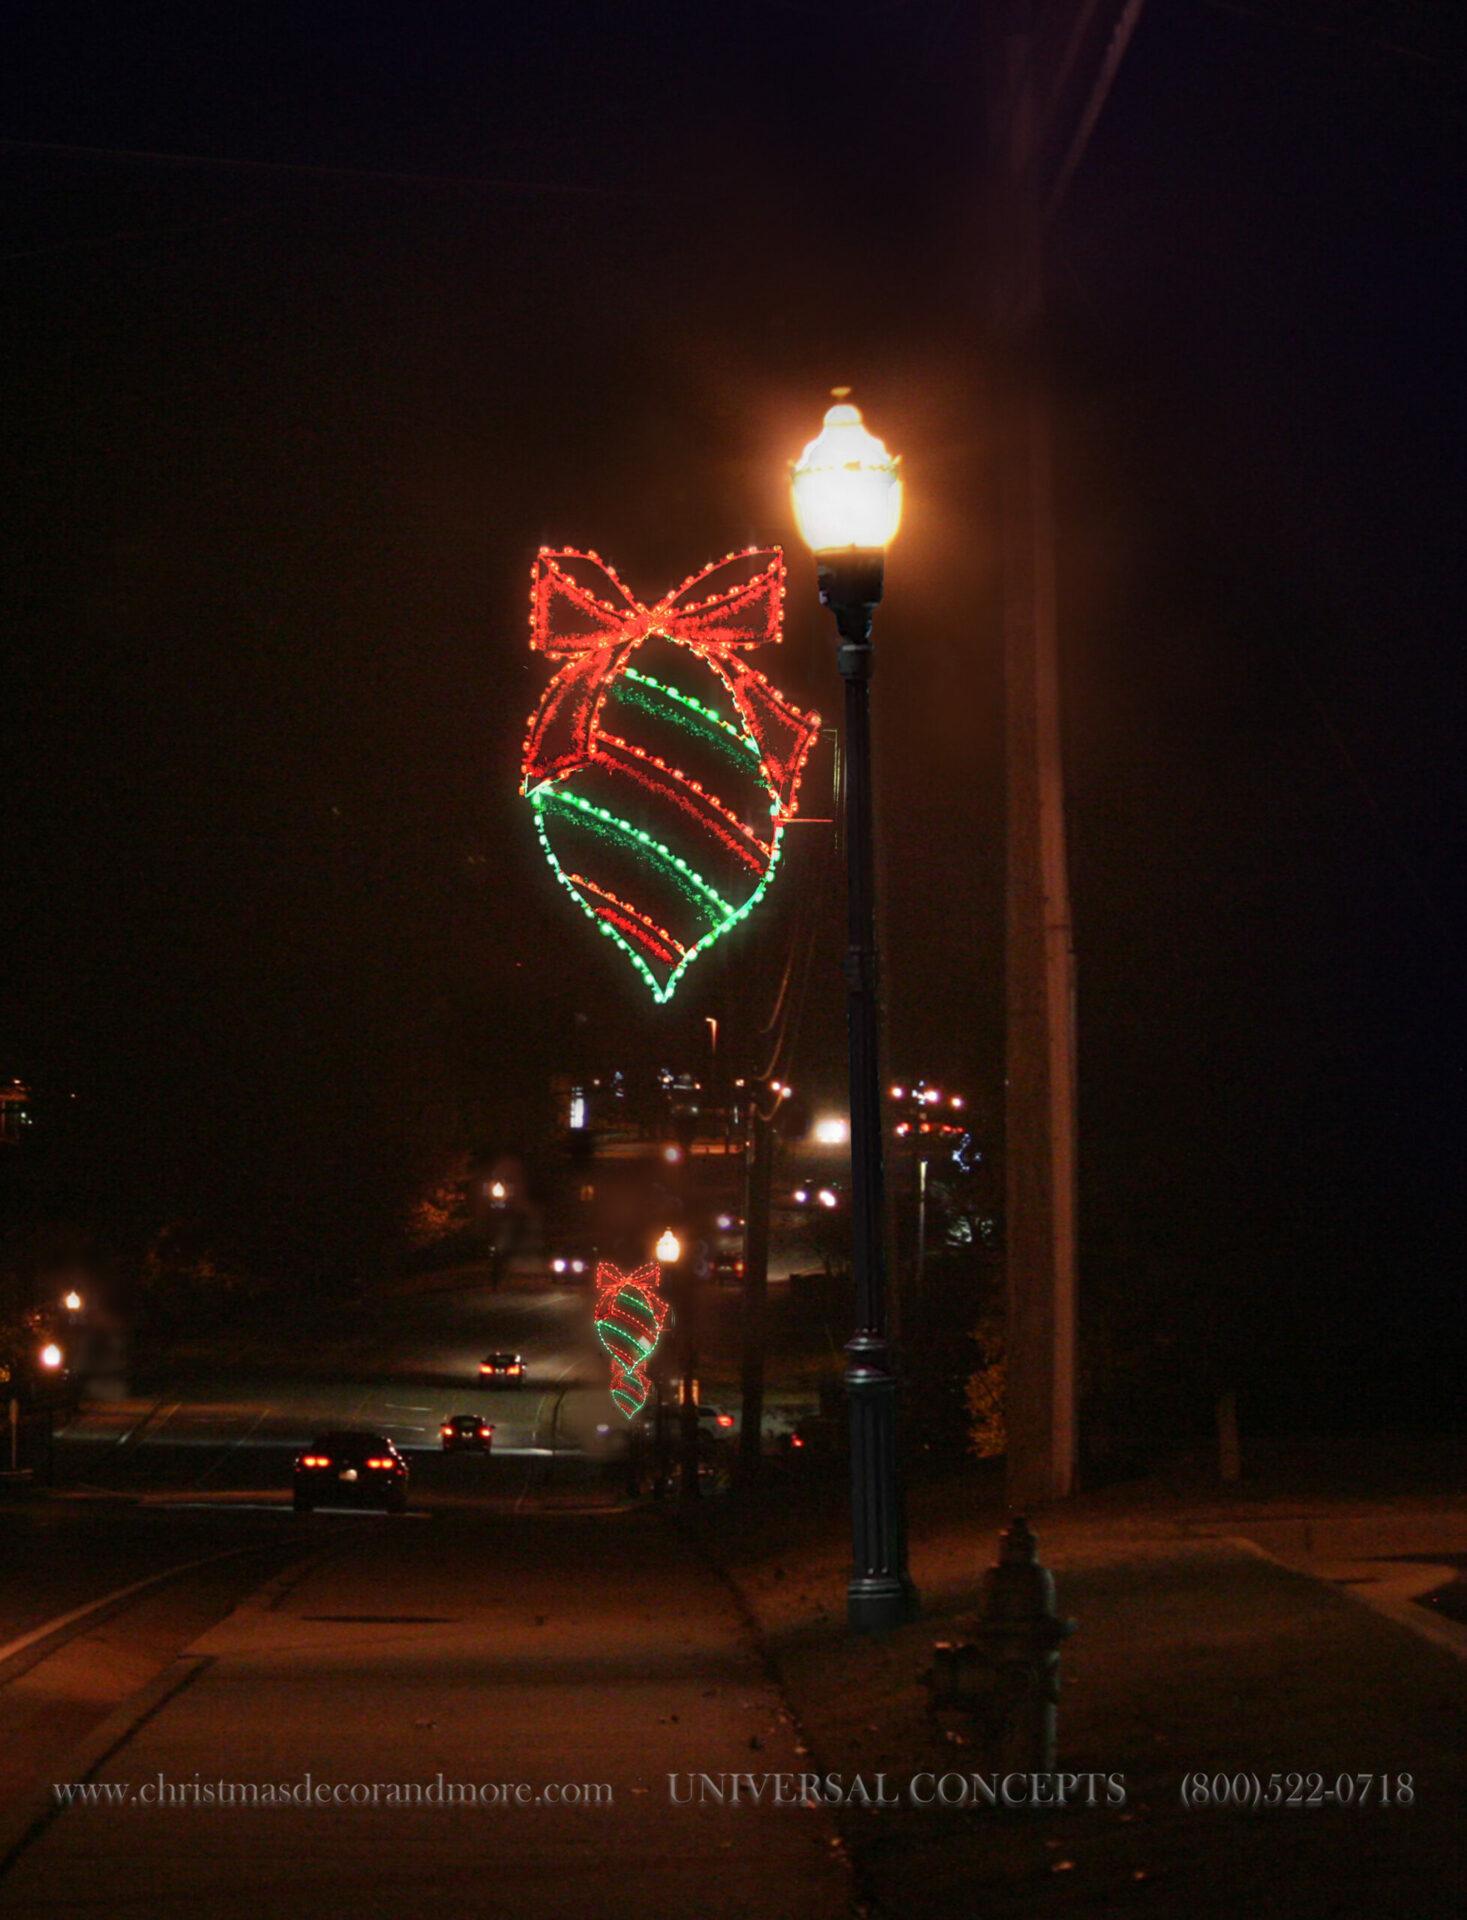 Our Grand Ornament Pole Decor